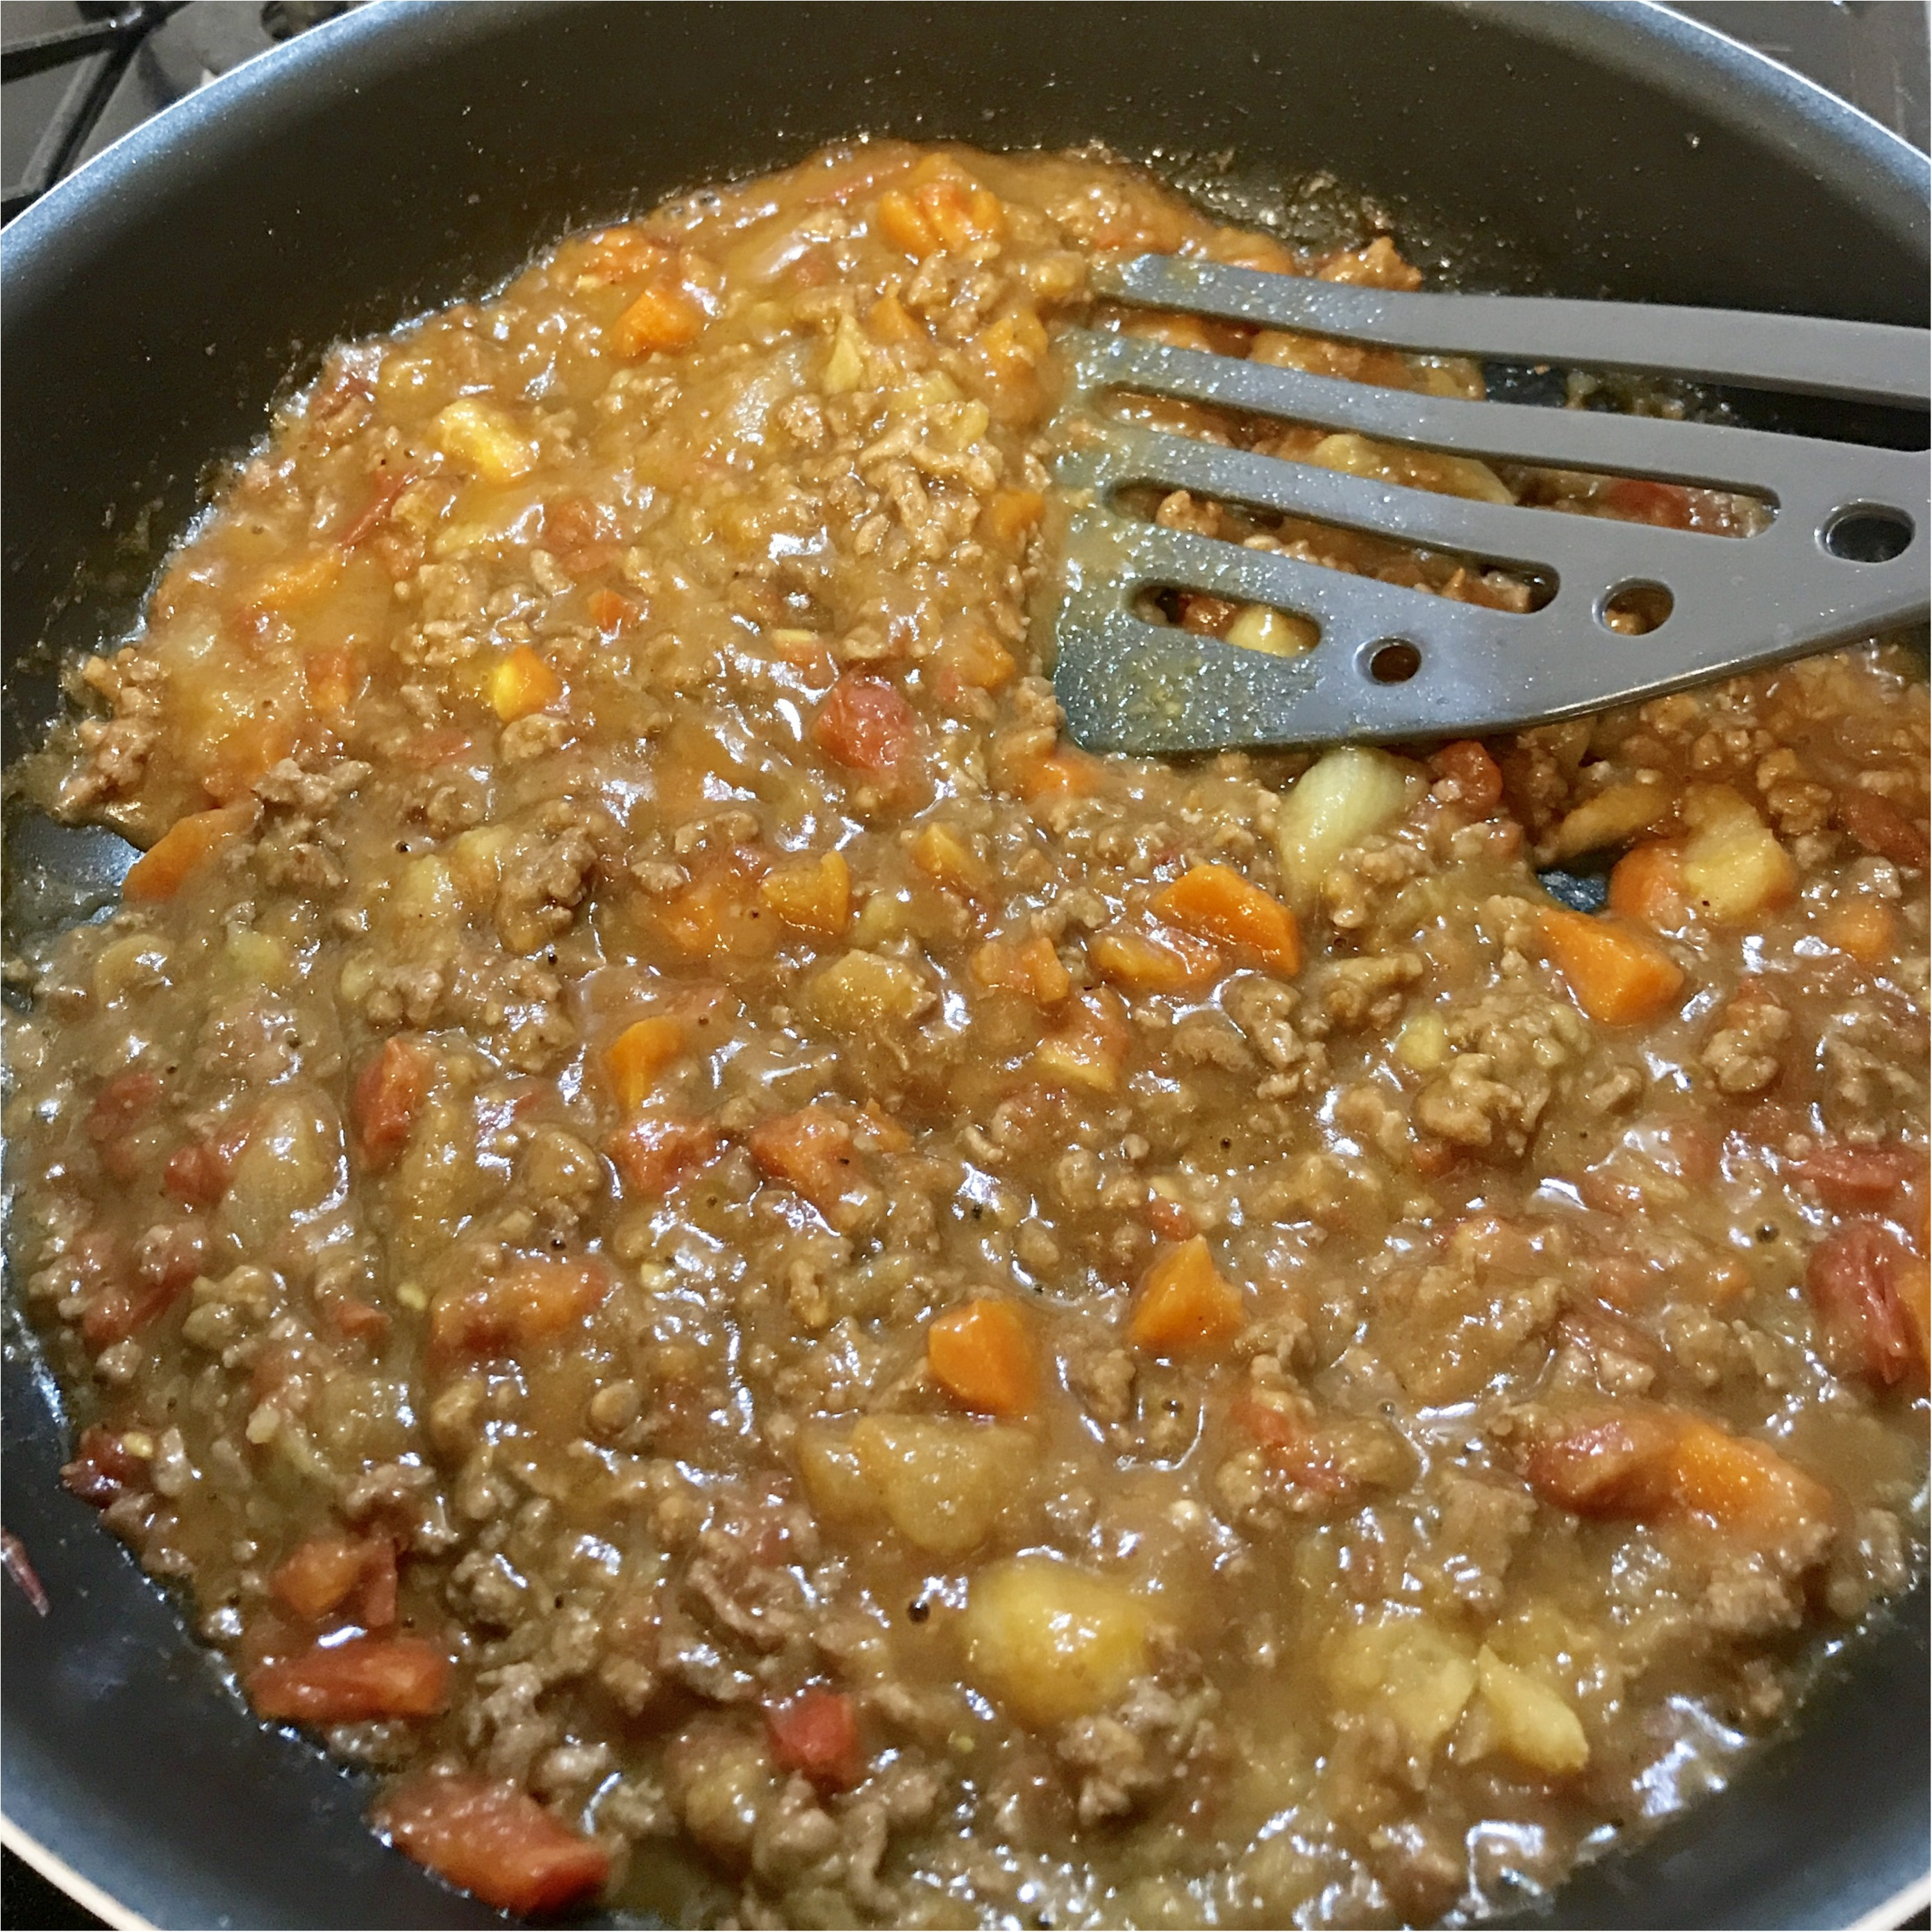 【cooking】残ったカレーを簡単リメイク!簡単すぎるのに評判は最高なあれ!_3